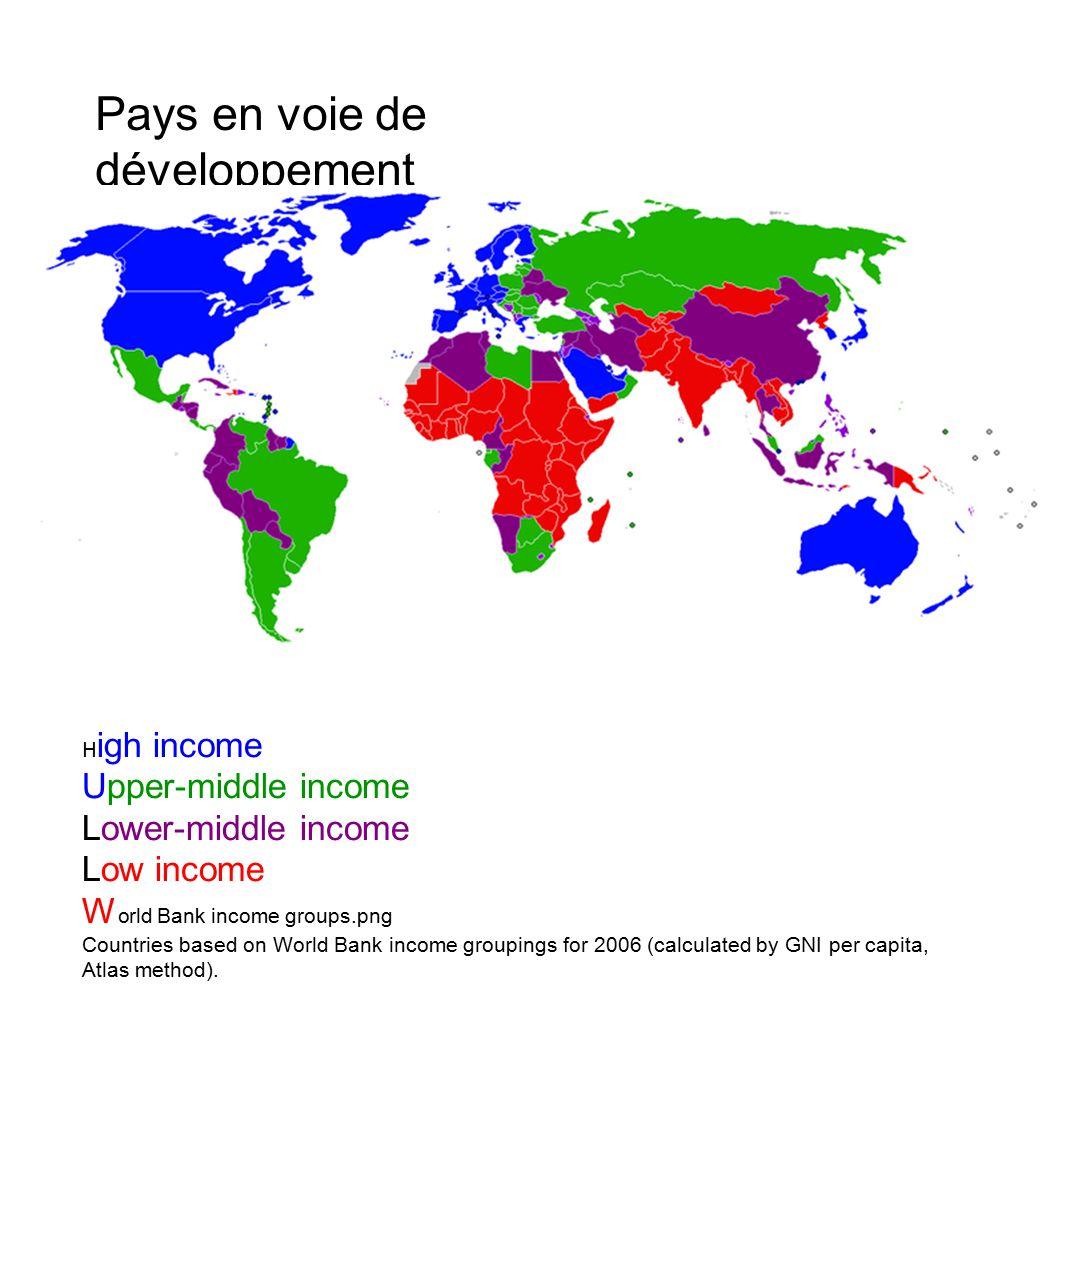 766525f9367d7 Et Pays En Voie De Developpements Caracteristiques De Chaque Ppt